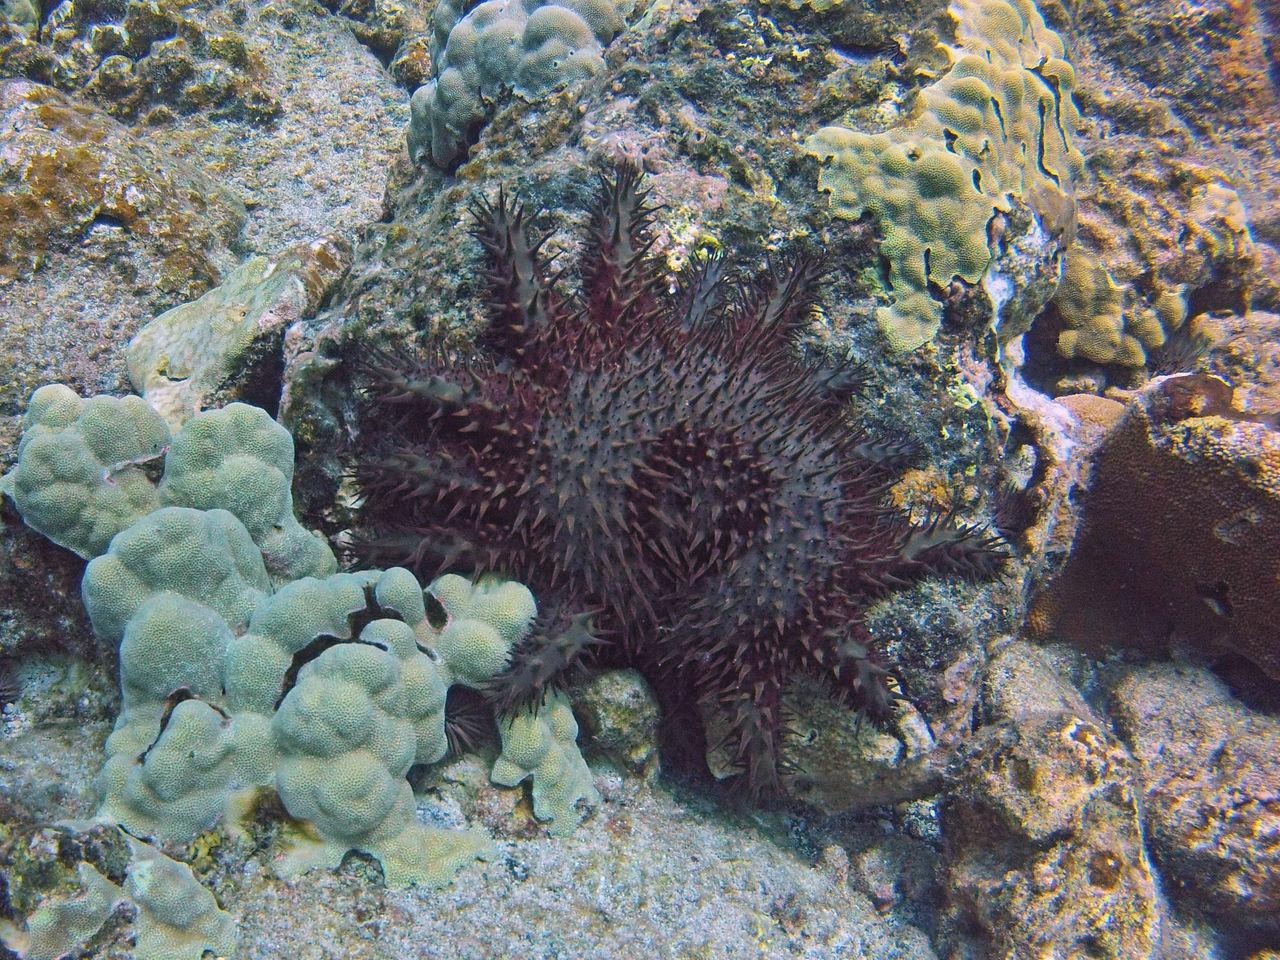 Crown Of Thorns Starfish Honaunau Kona SCUBA Starfish